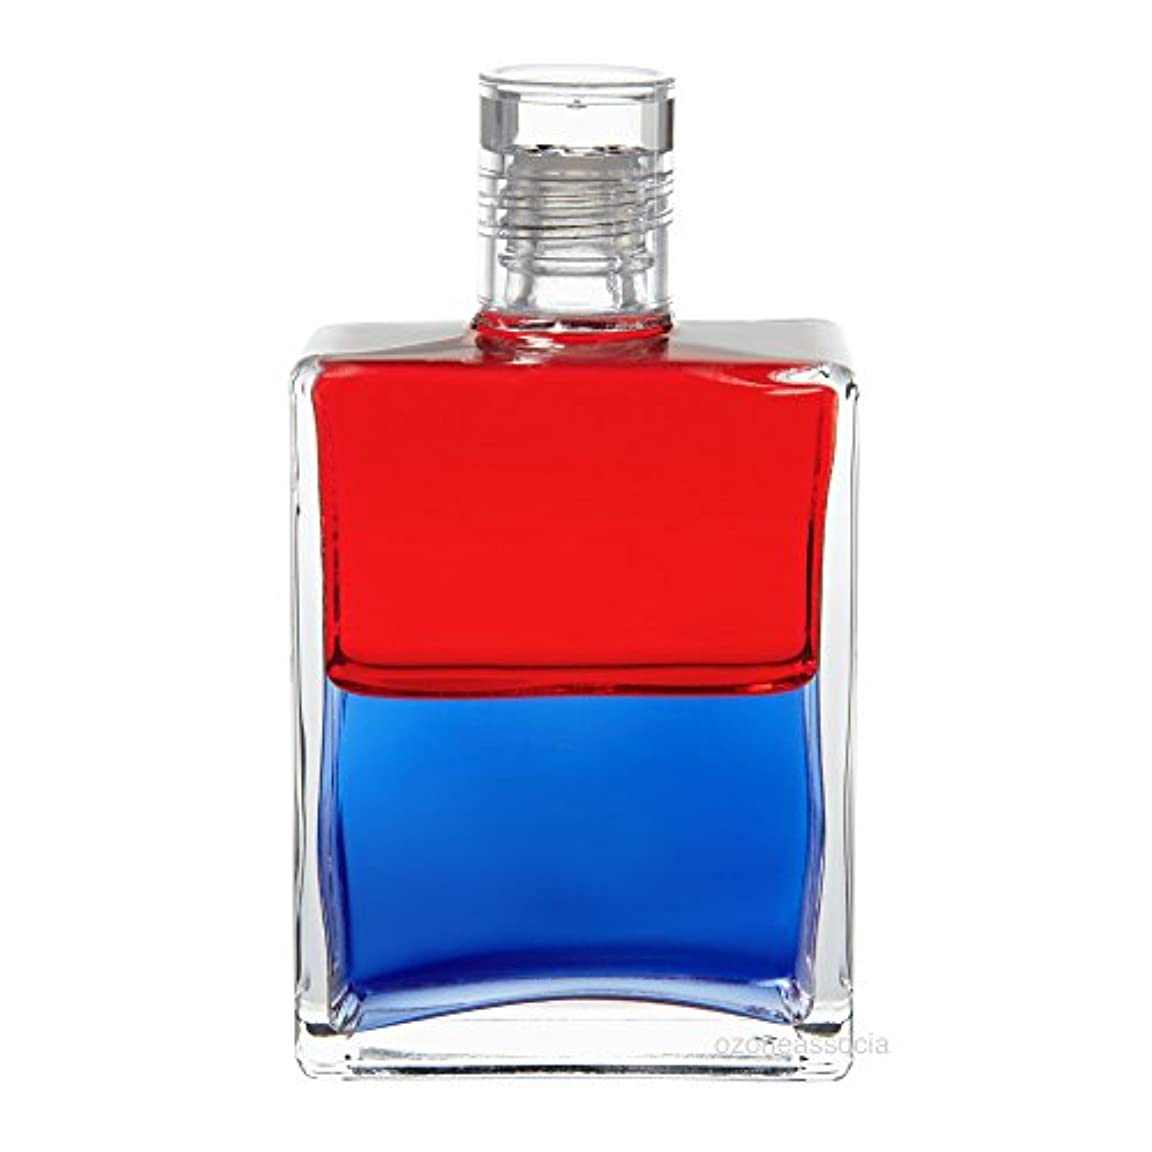 スカーフ近代化するひどいオーラソーマ ボトル 29番  起きて行け (レッド/ブルー) イクイリブリアムボトル50ml Aurasoma